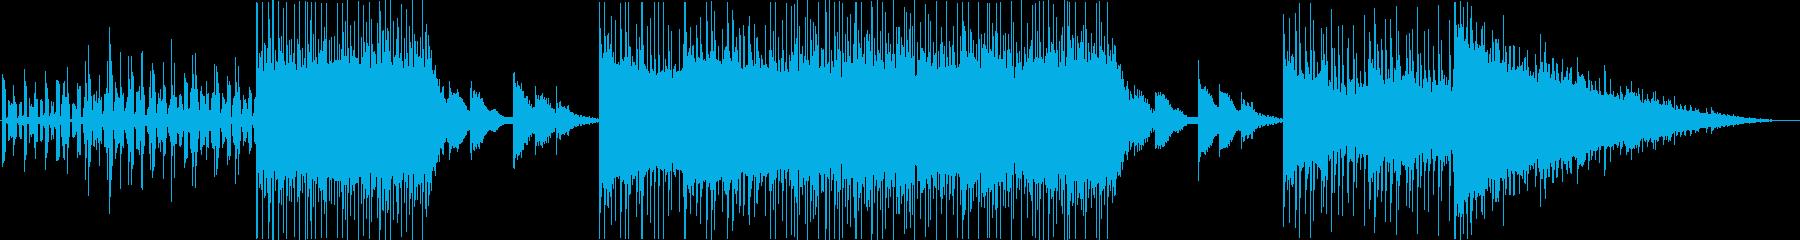 何かが起こりそうな未来的なエレクトロニカの再生済みの波形